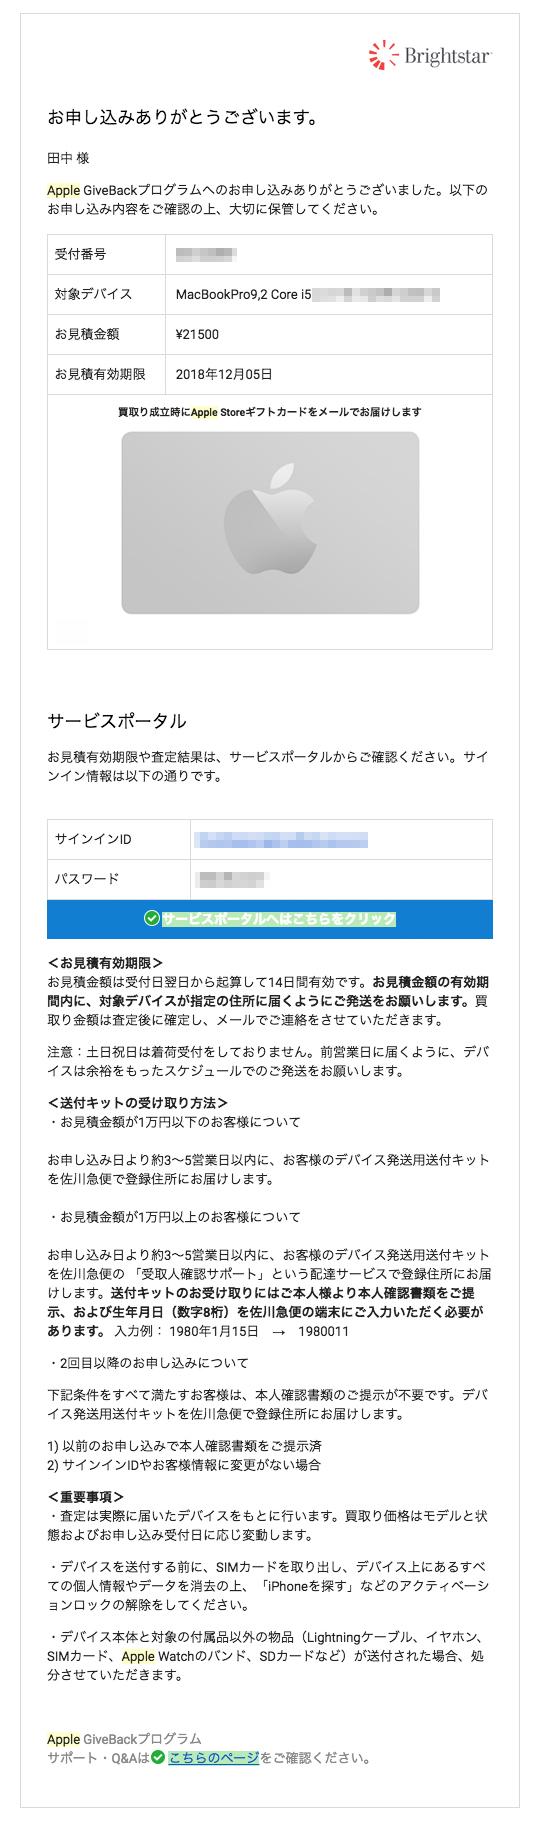 お申込み確認メール